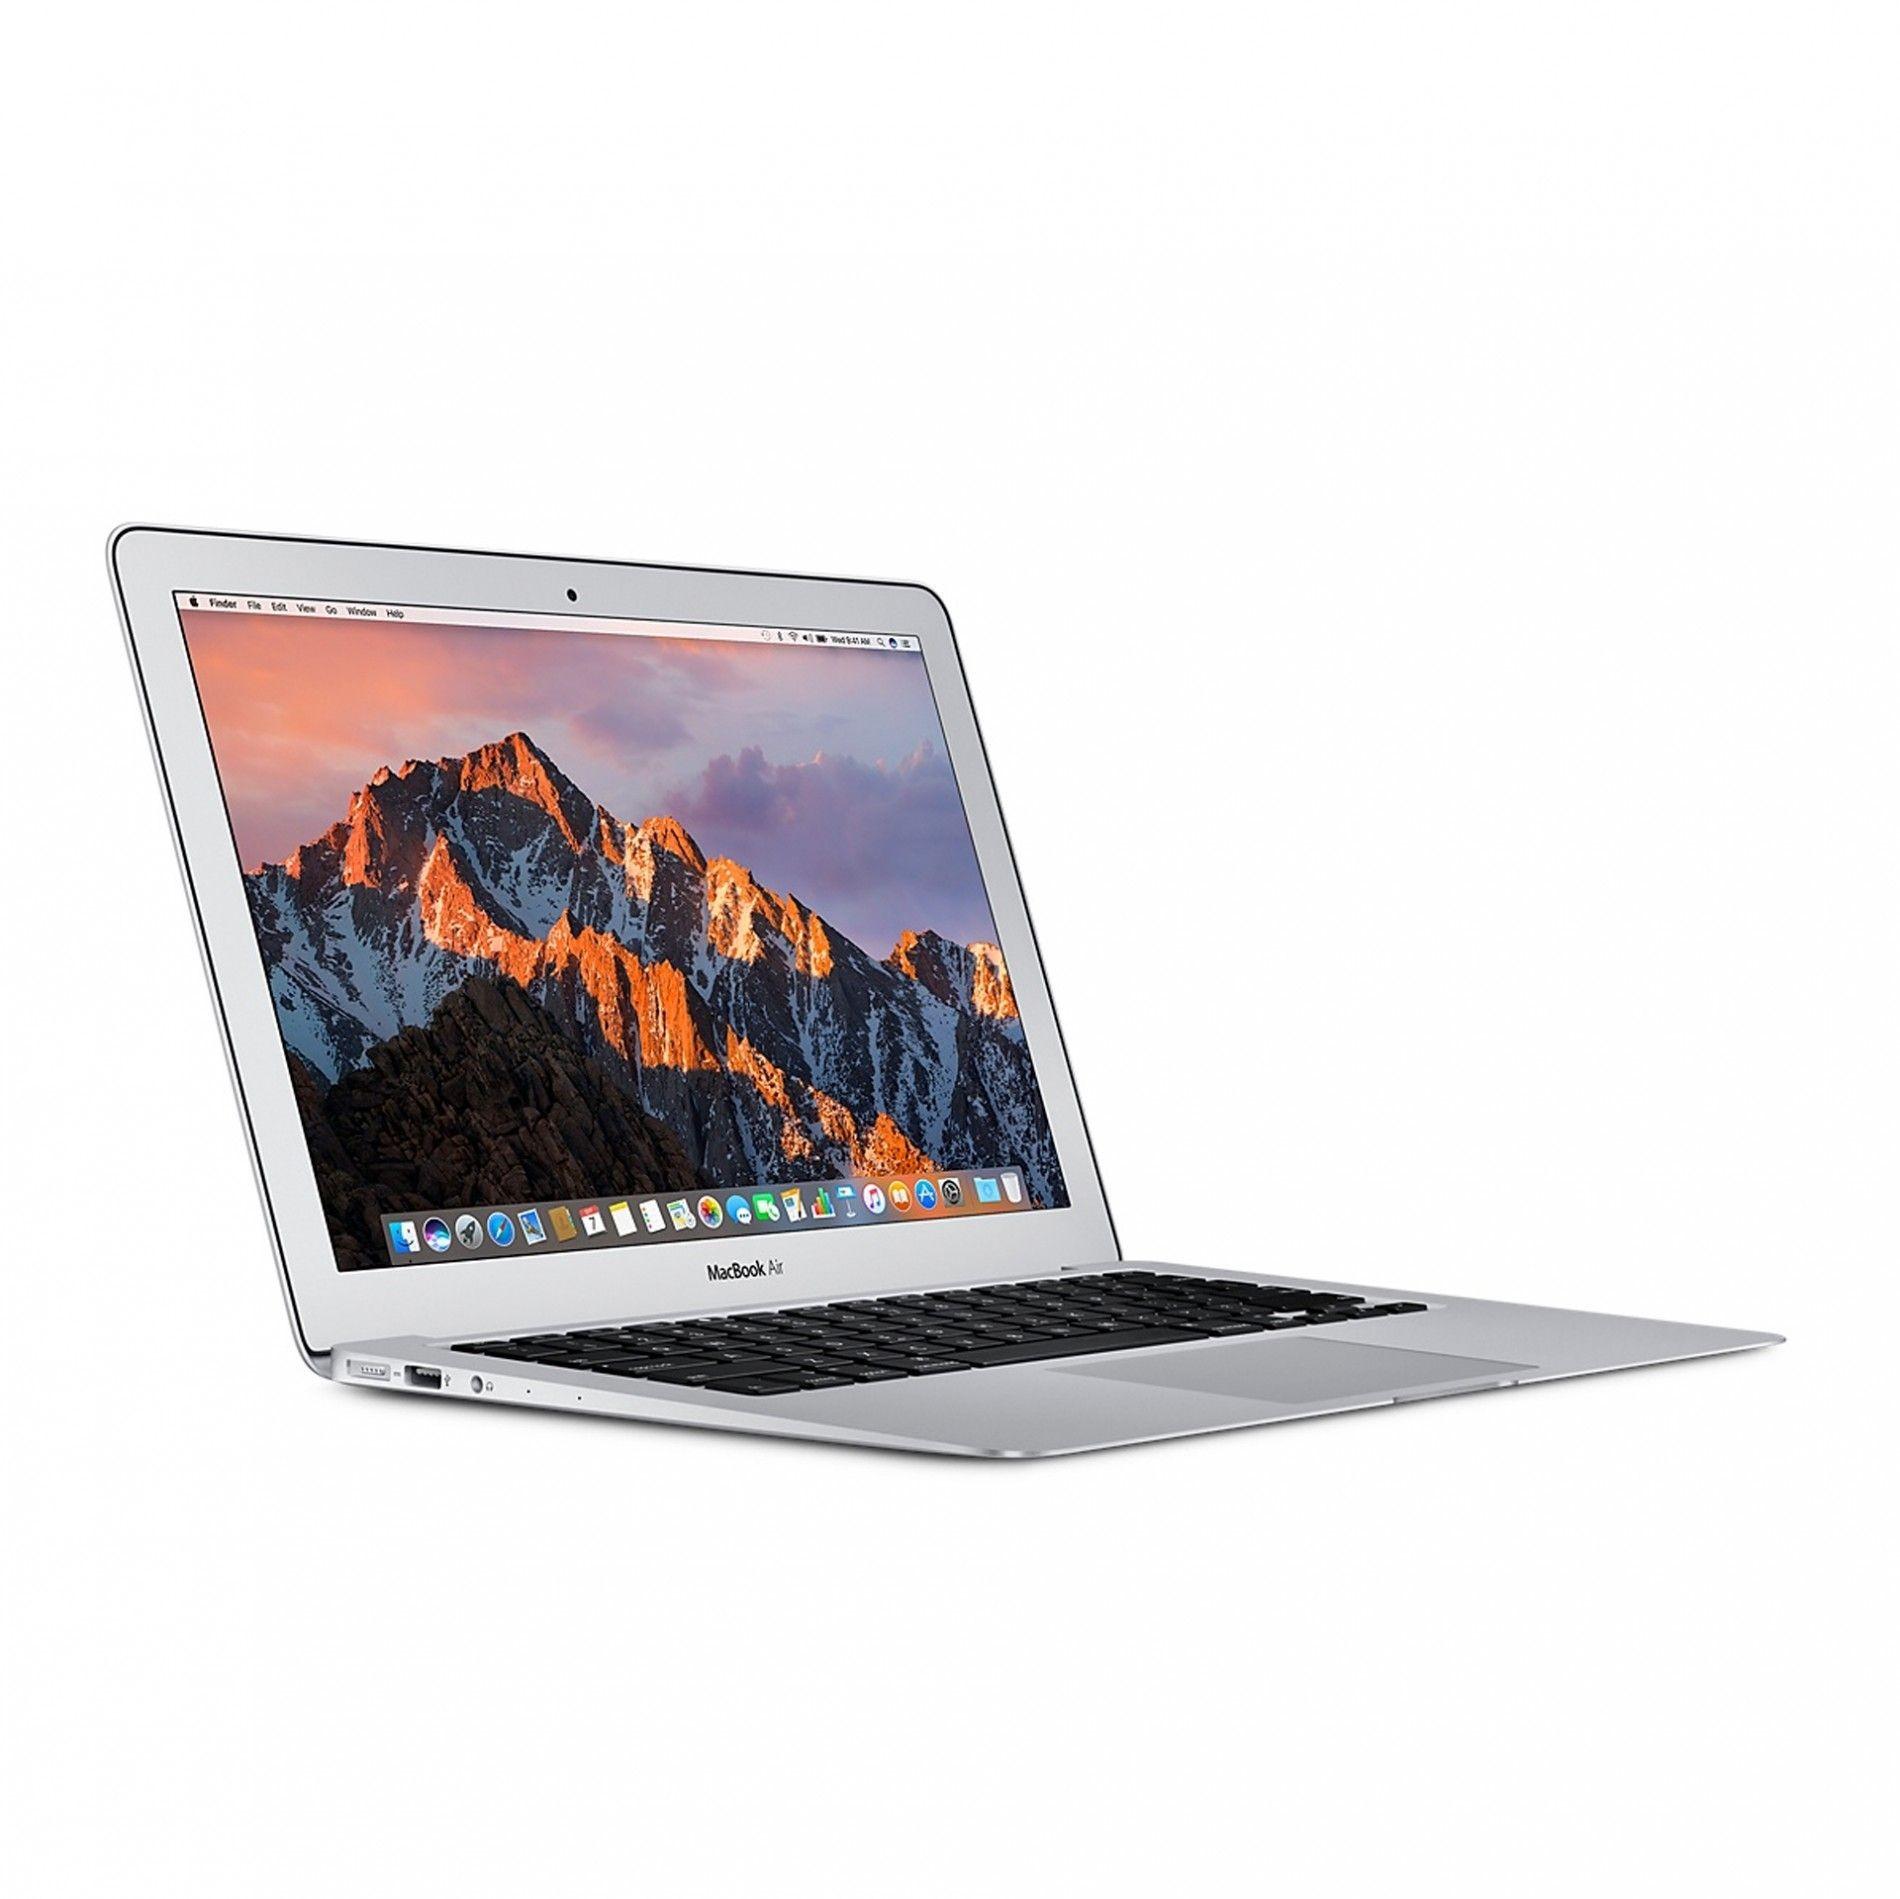 Macbook Air 13 2013 RAM 4GB...